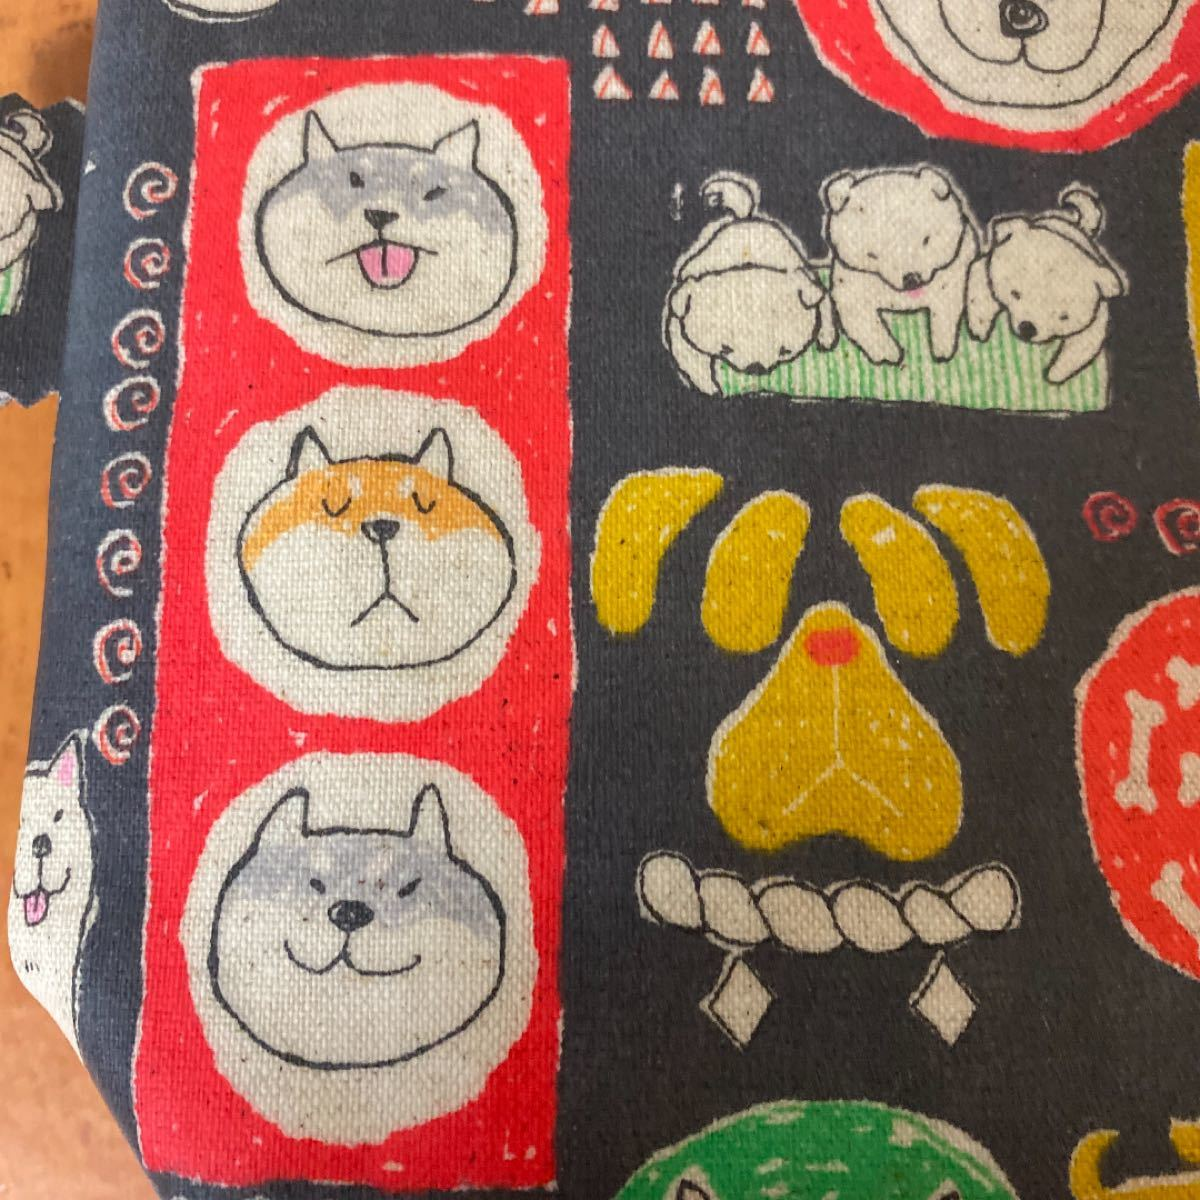 173 化粧ポーチ ラミネートポーチ メイクポーチ 柴犬 ハンドメイド